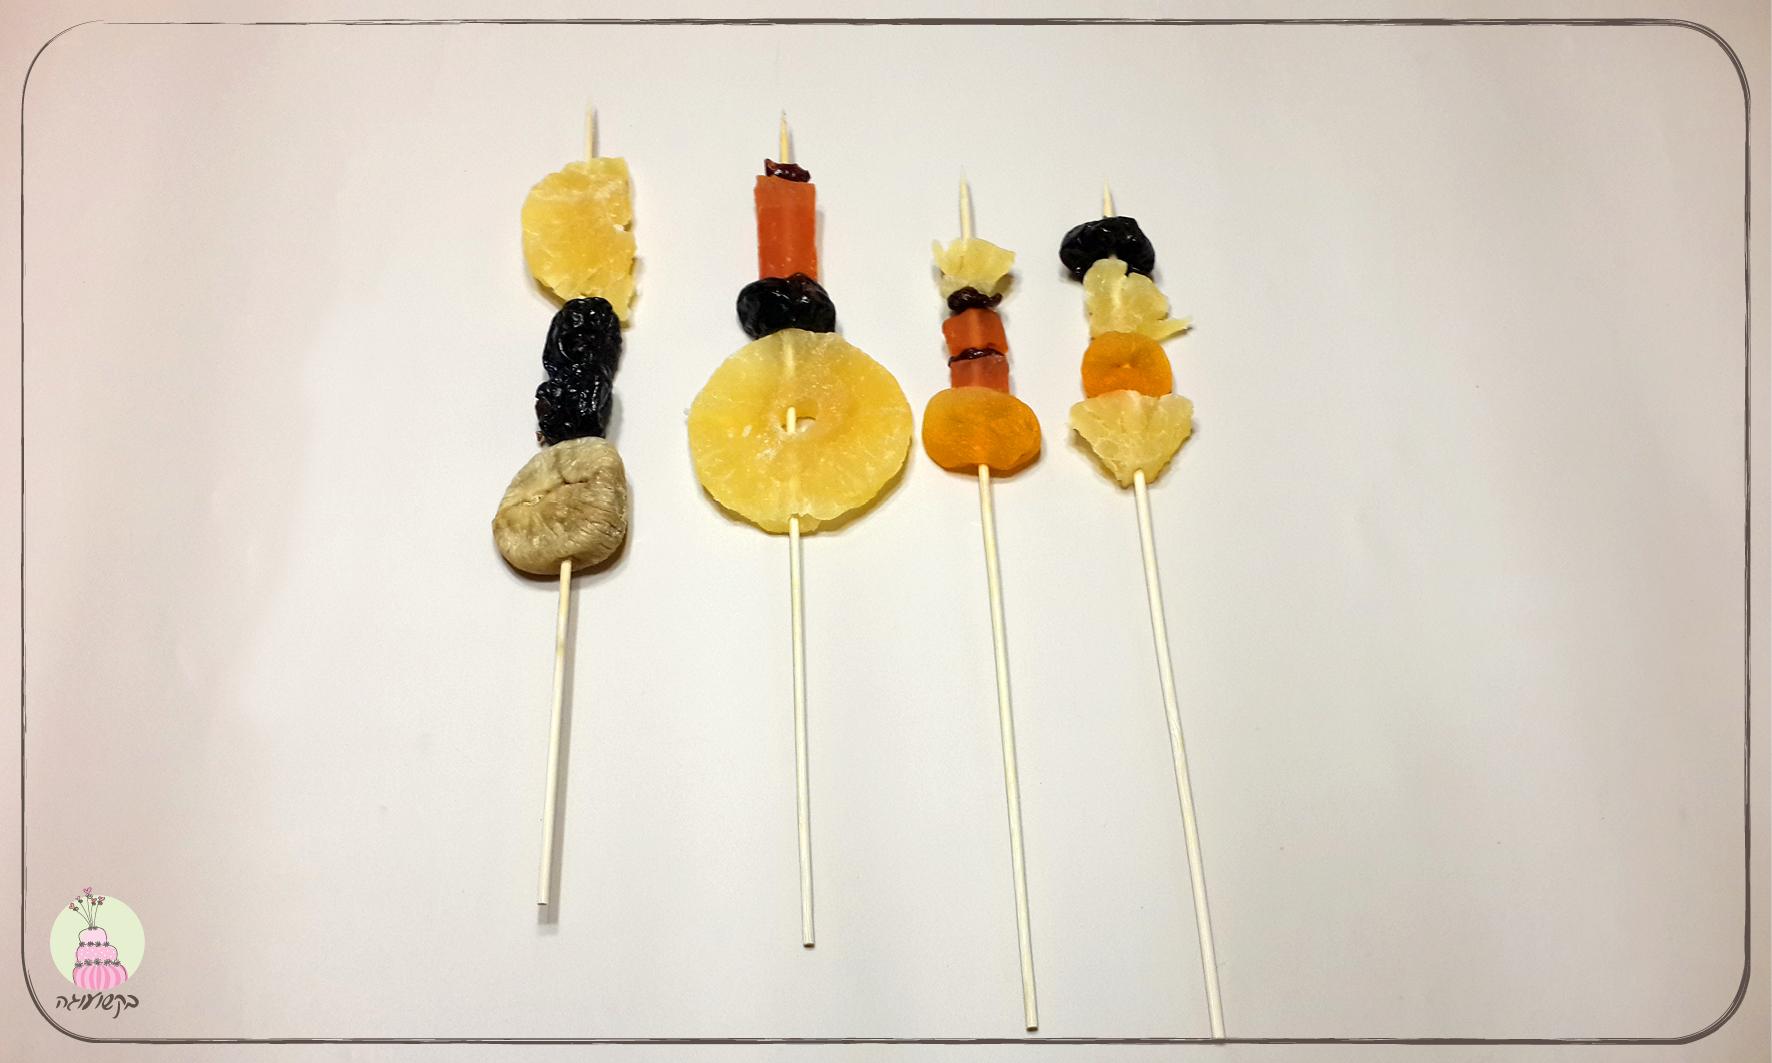 שיפודי פירות משפחתיים עם פרצופים מפוסלים בבצק סוכר- השלב הראשון